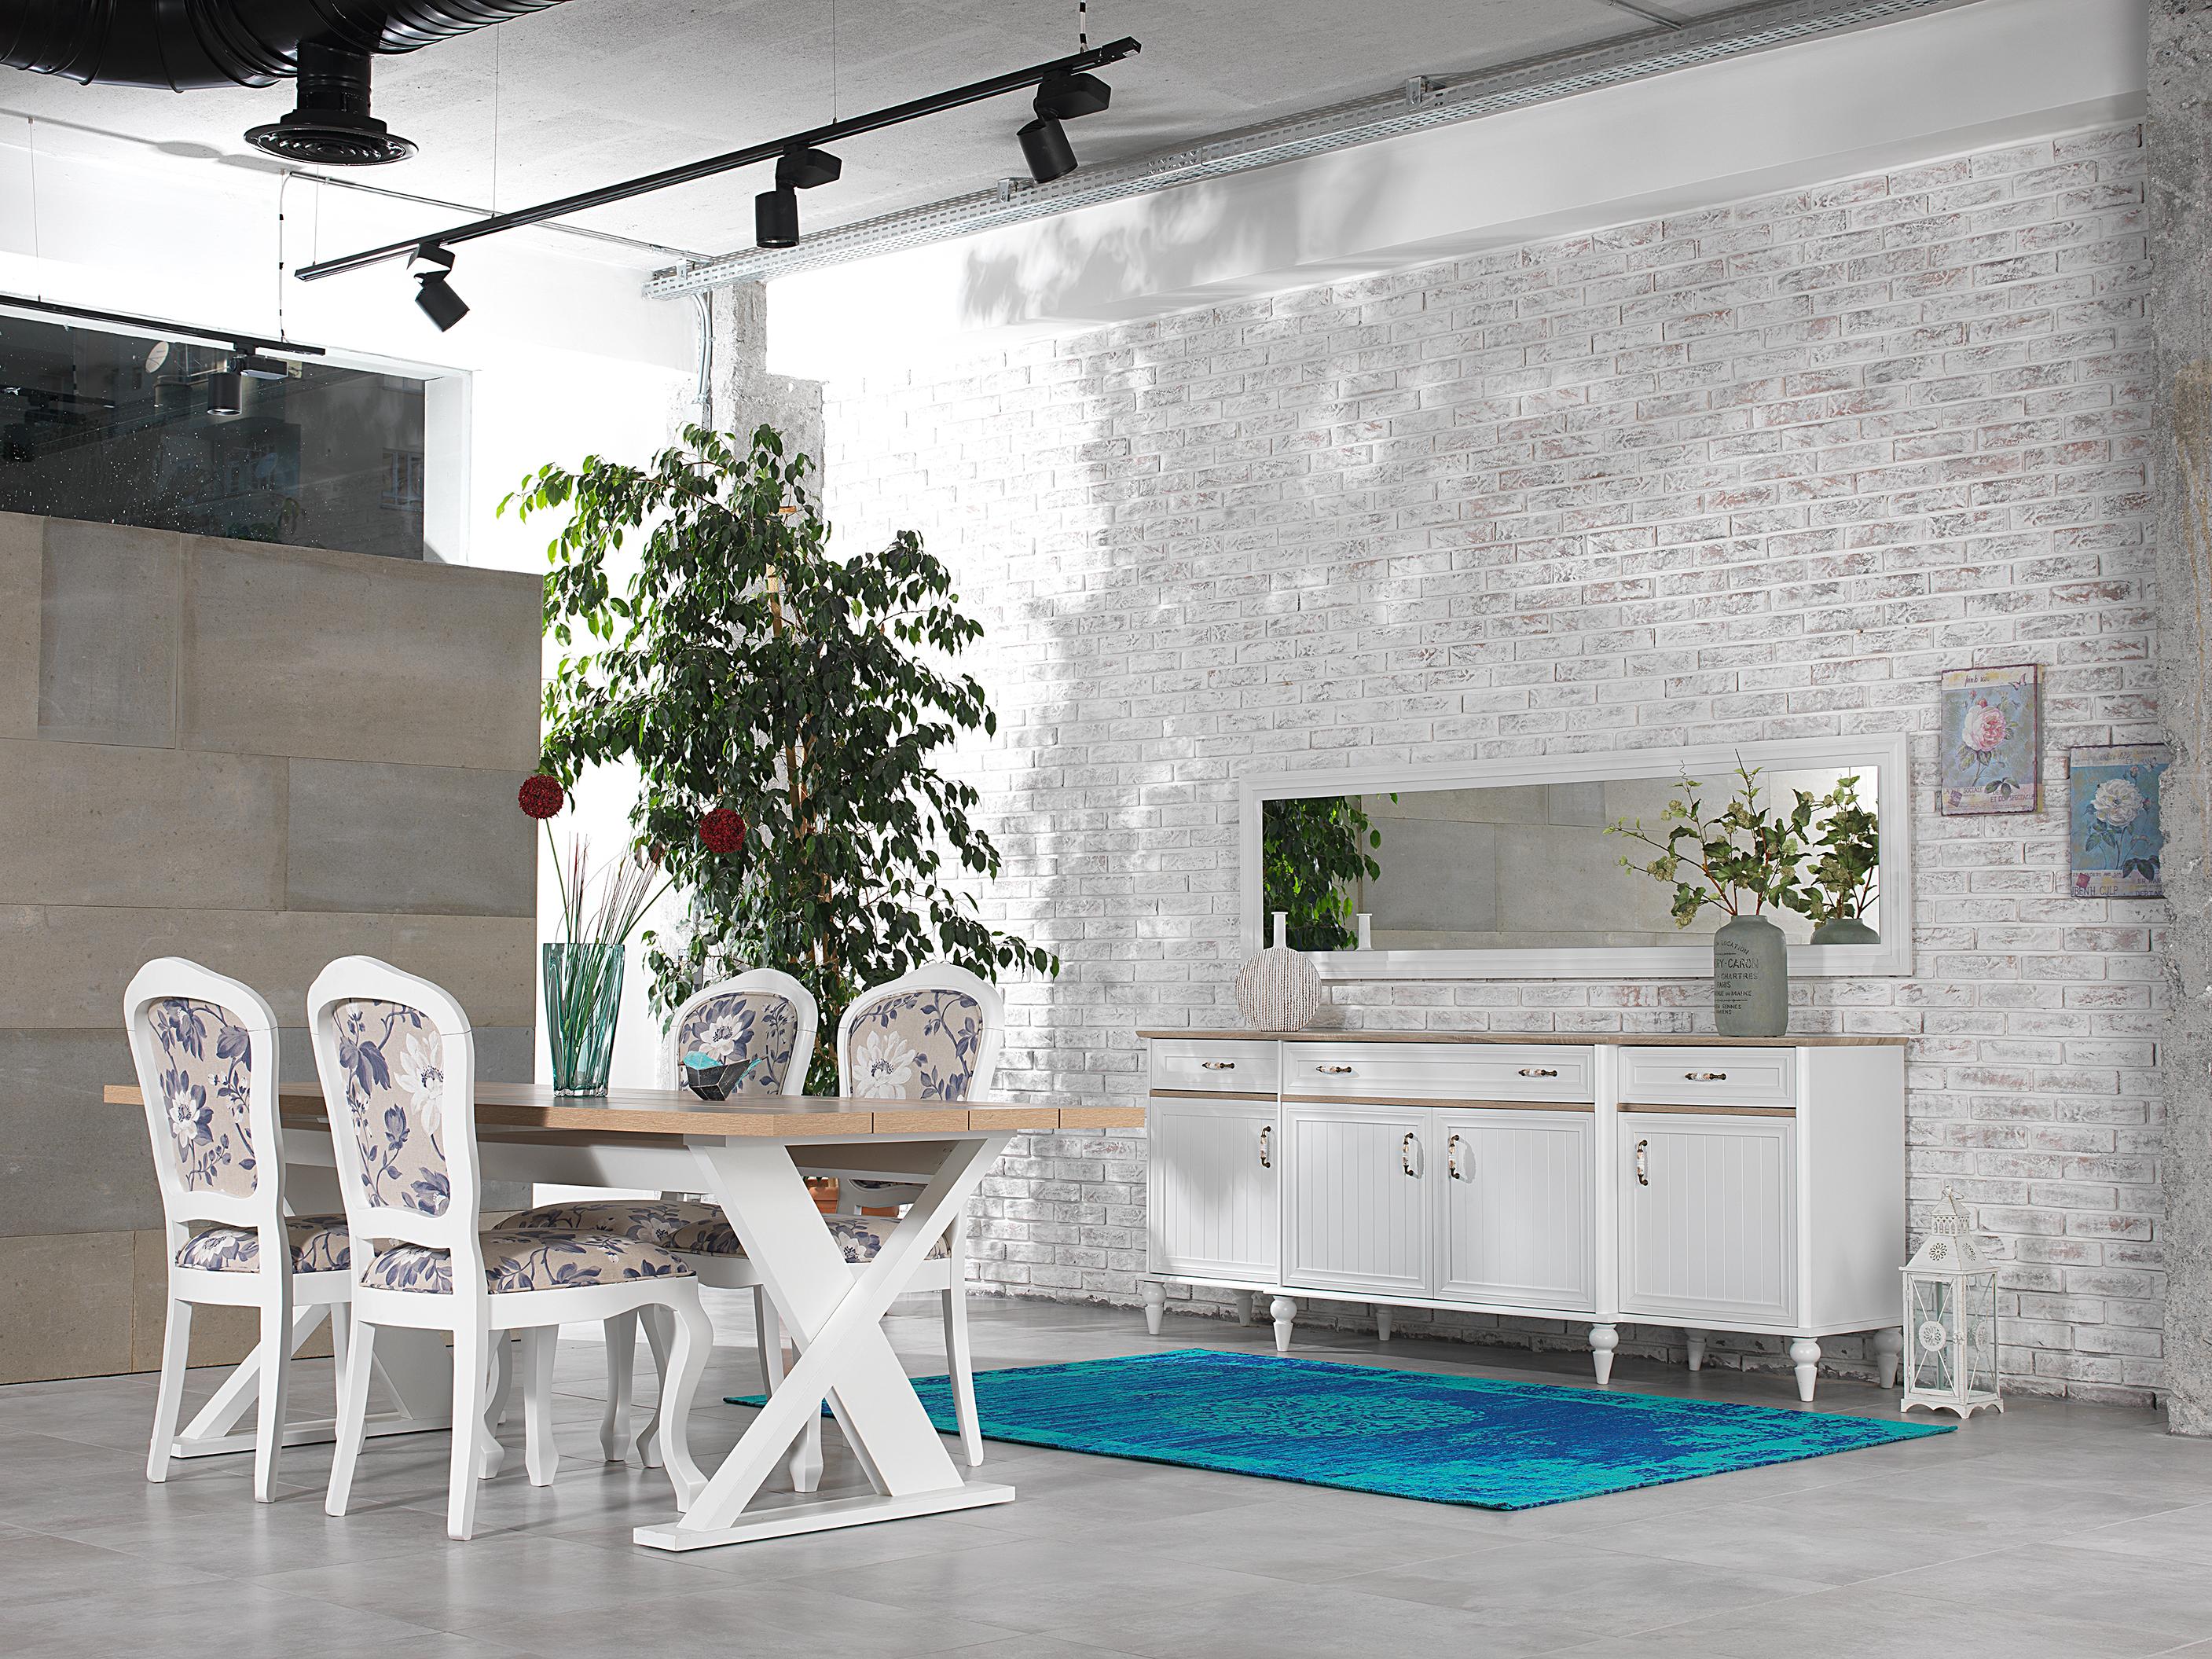 Sabel yemek odas tak m hevin mobilya for Mobilya caserta